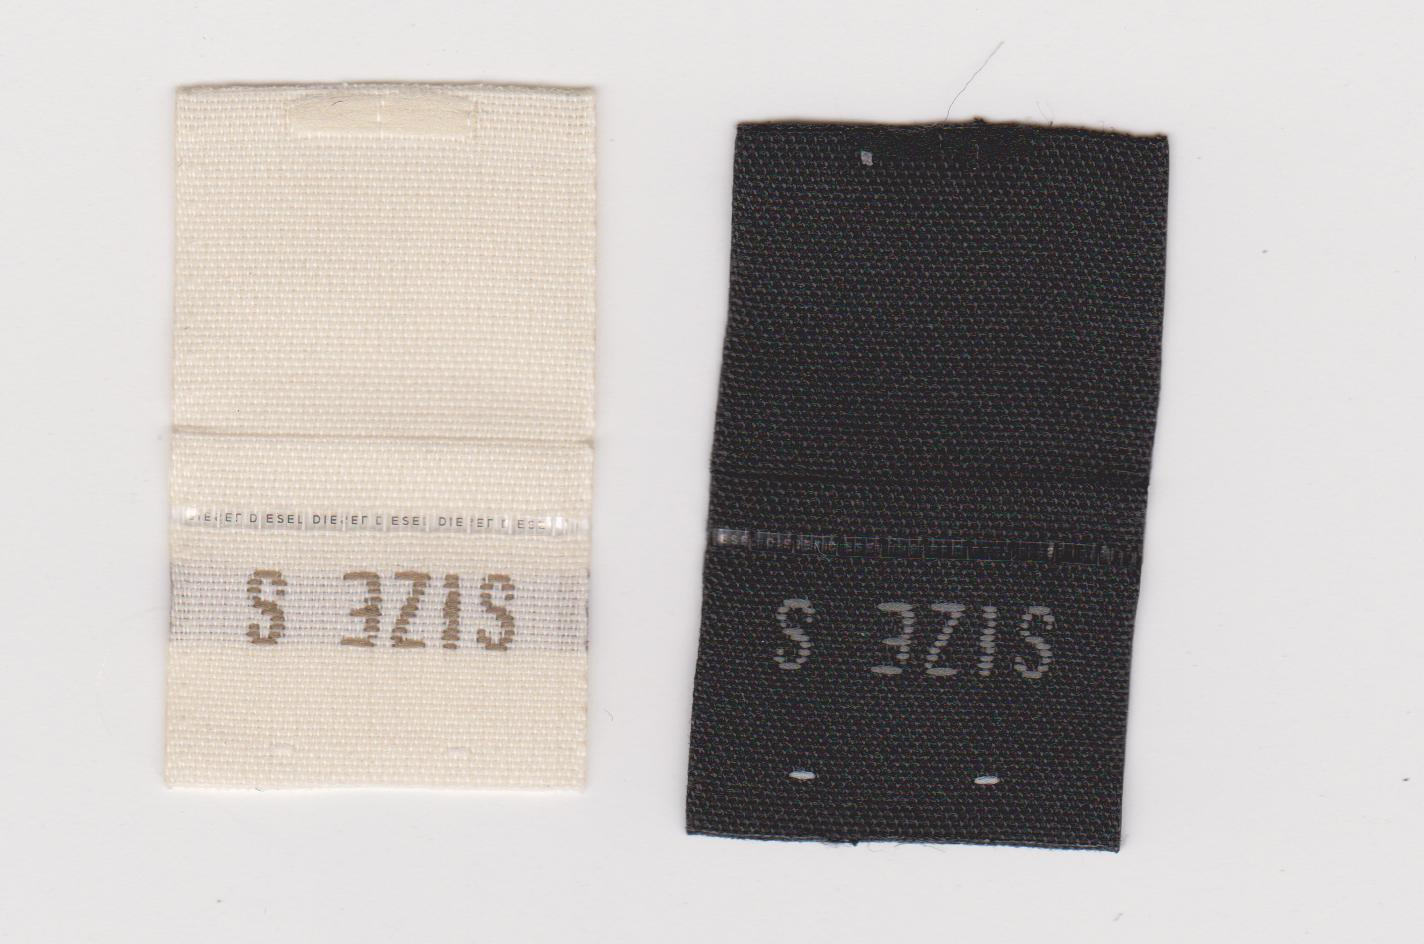 微缩文字防伪织唛,安全线防伪布标批发